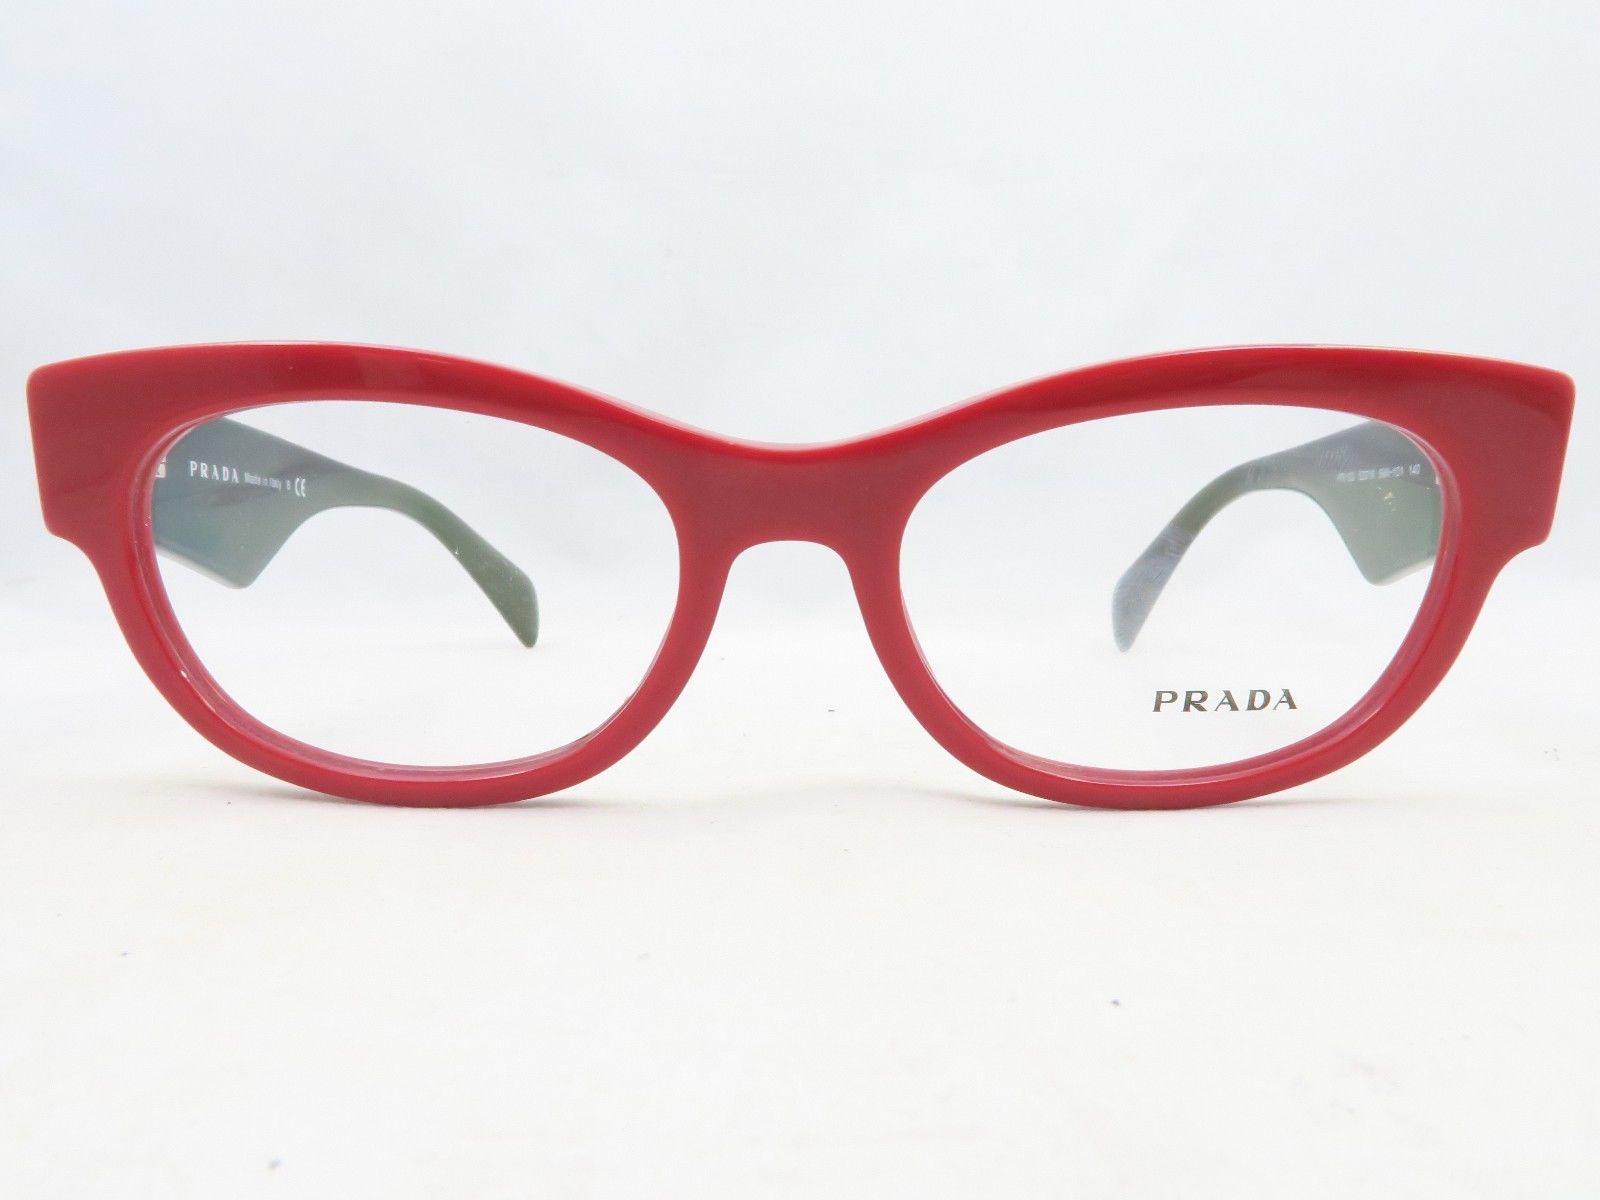 bdb66b8b67e2 Prada Red Eyeglass Frames - Best Photos Of Frame Truimage.Org